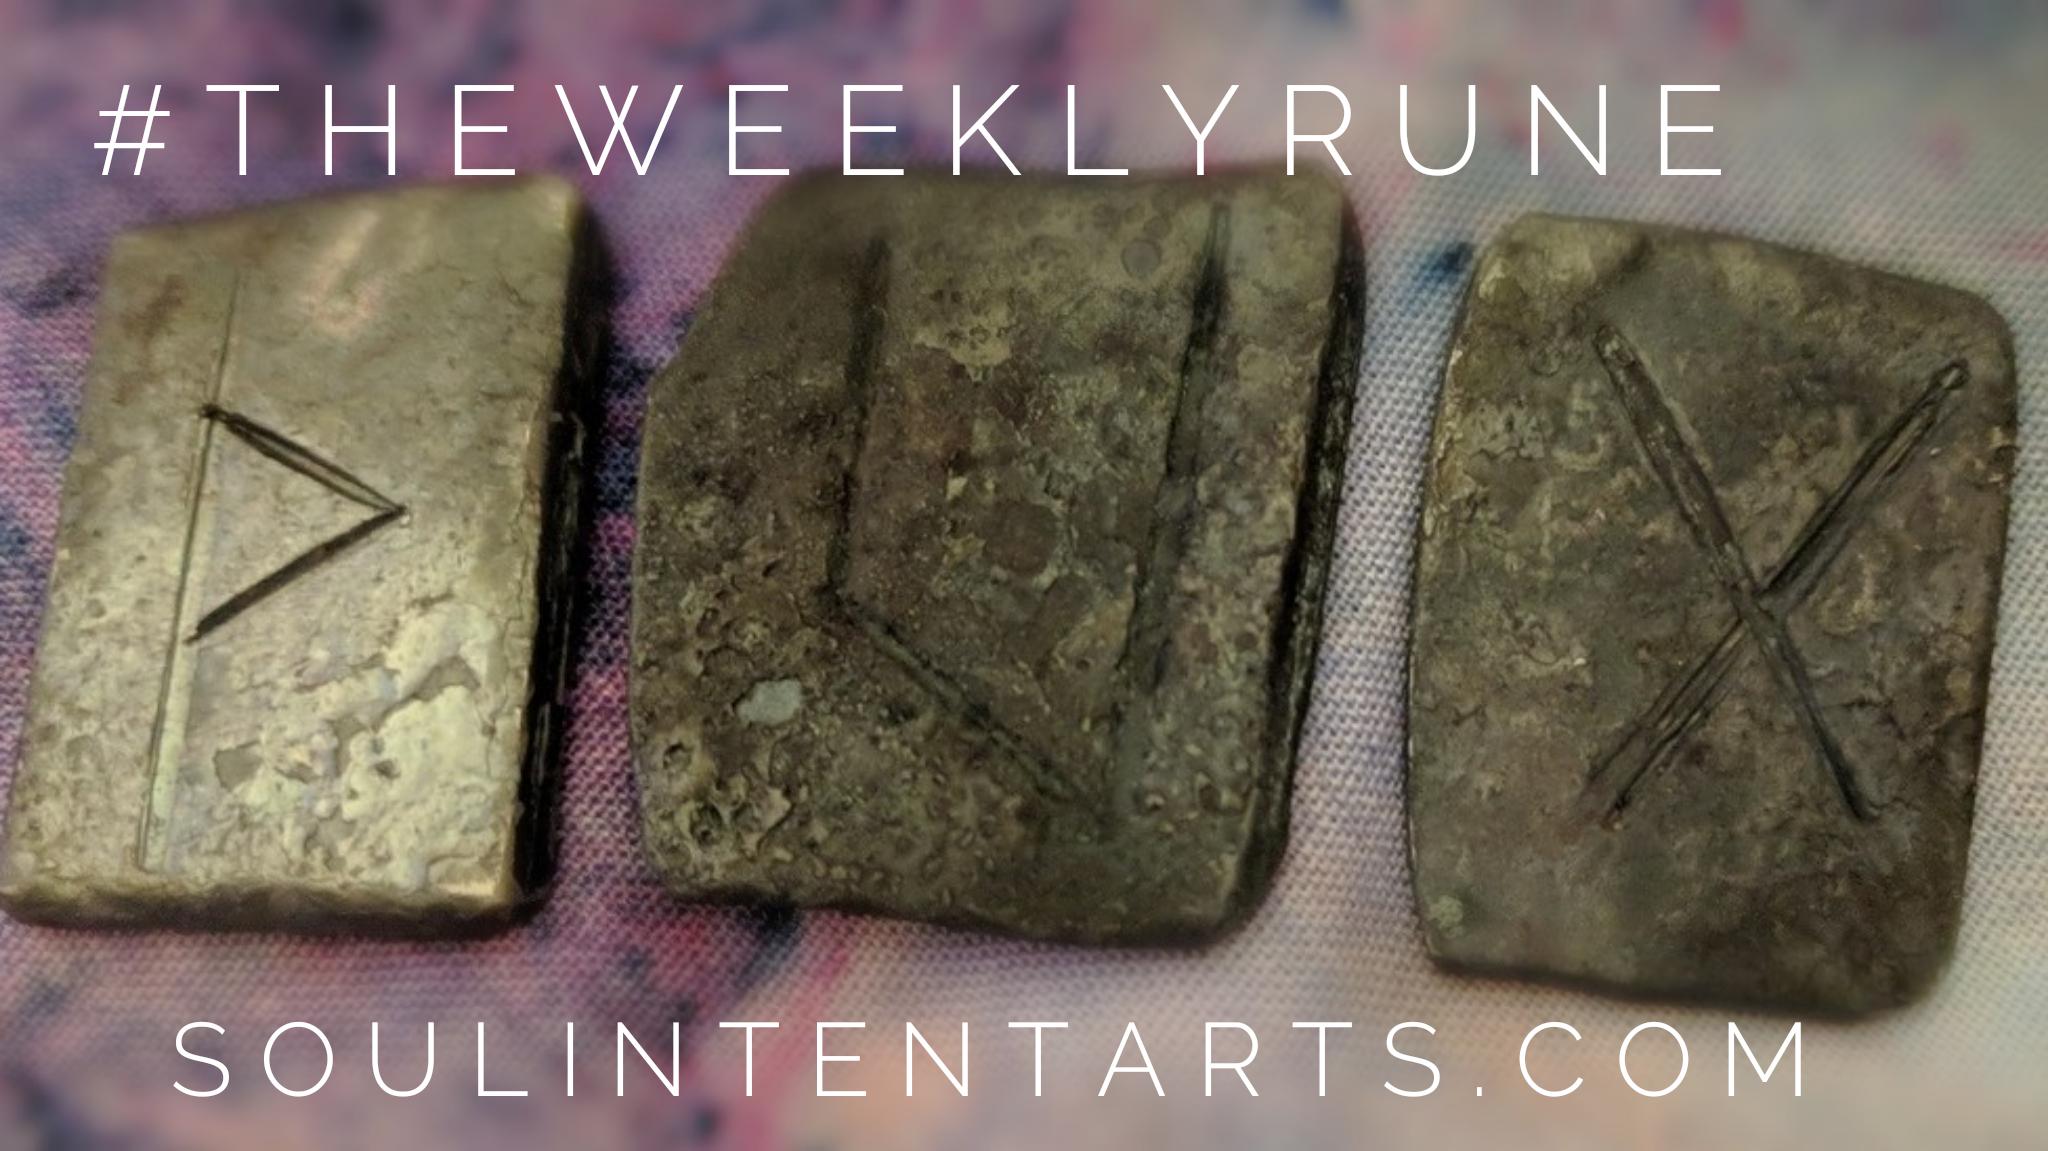 The Weekly Rune, Gebo